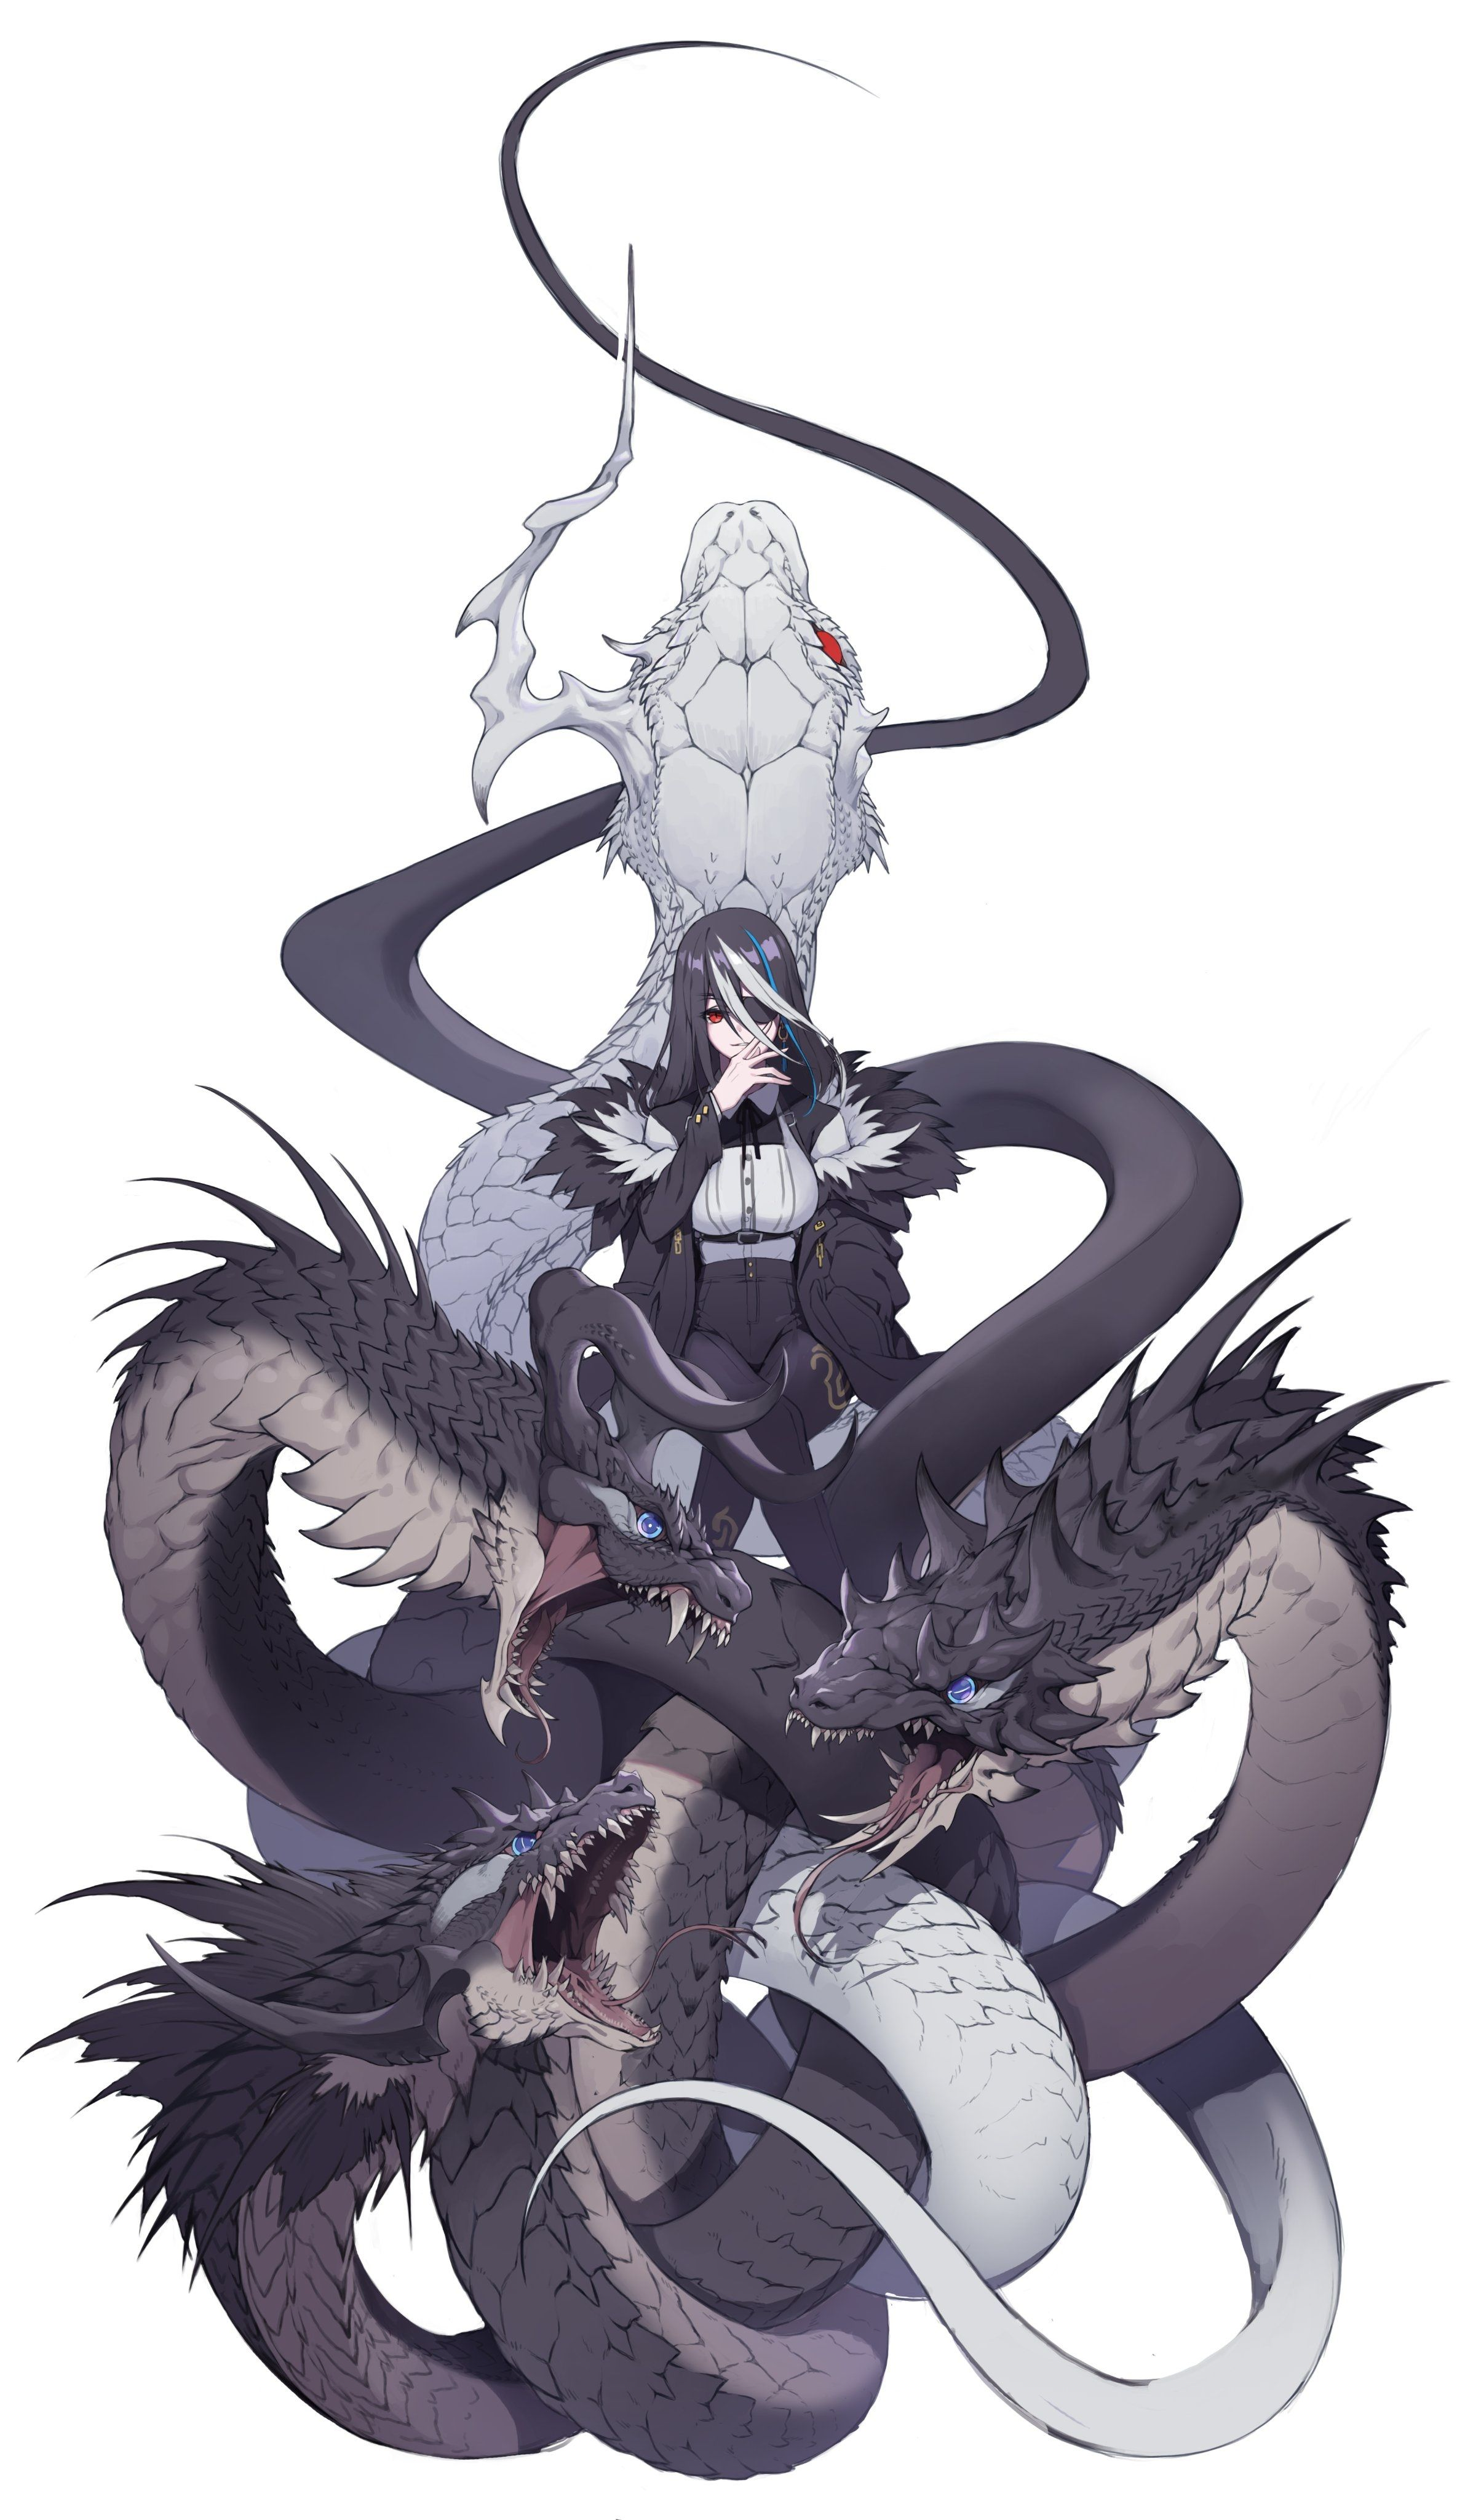 Mestra Do Ouroboros In 2020 Anime Character Design Concept Art Characters Fantasy Character Design